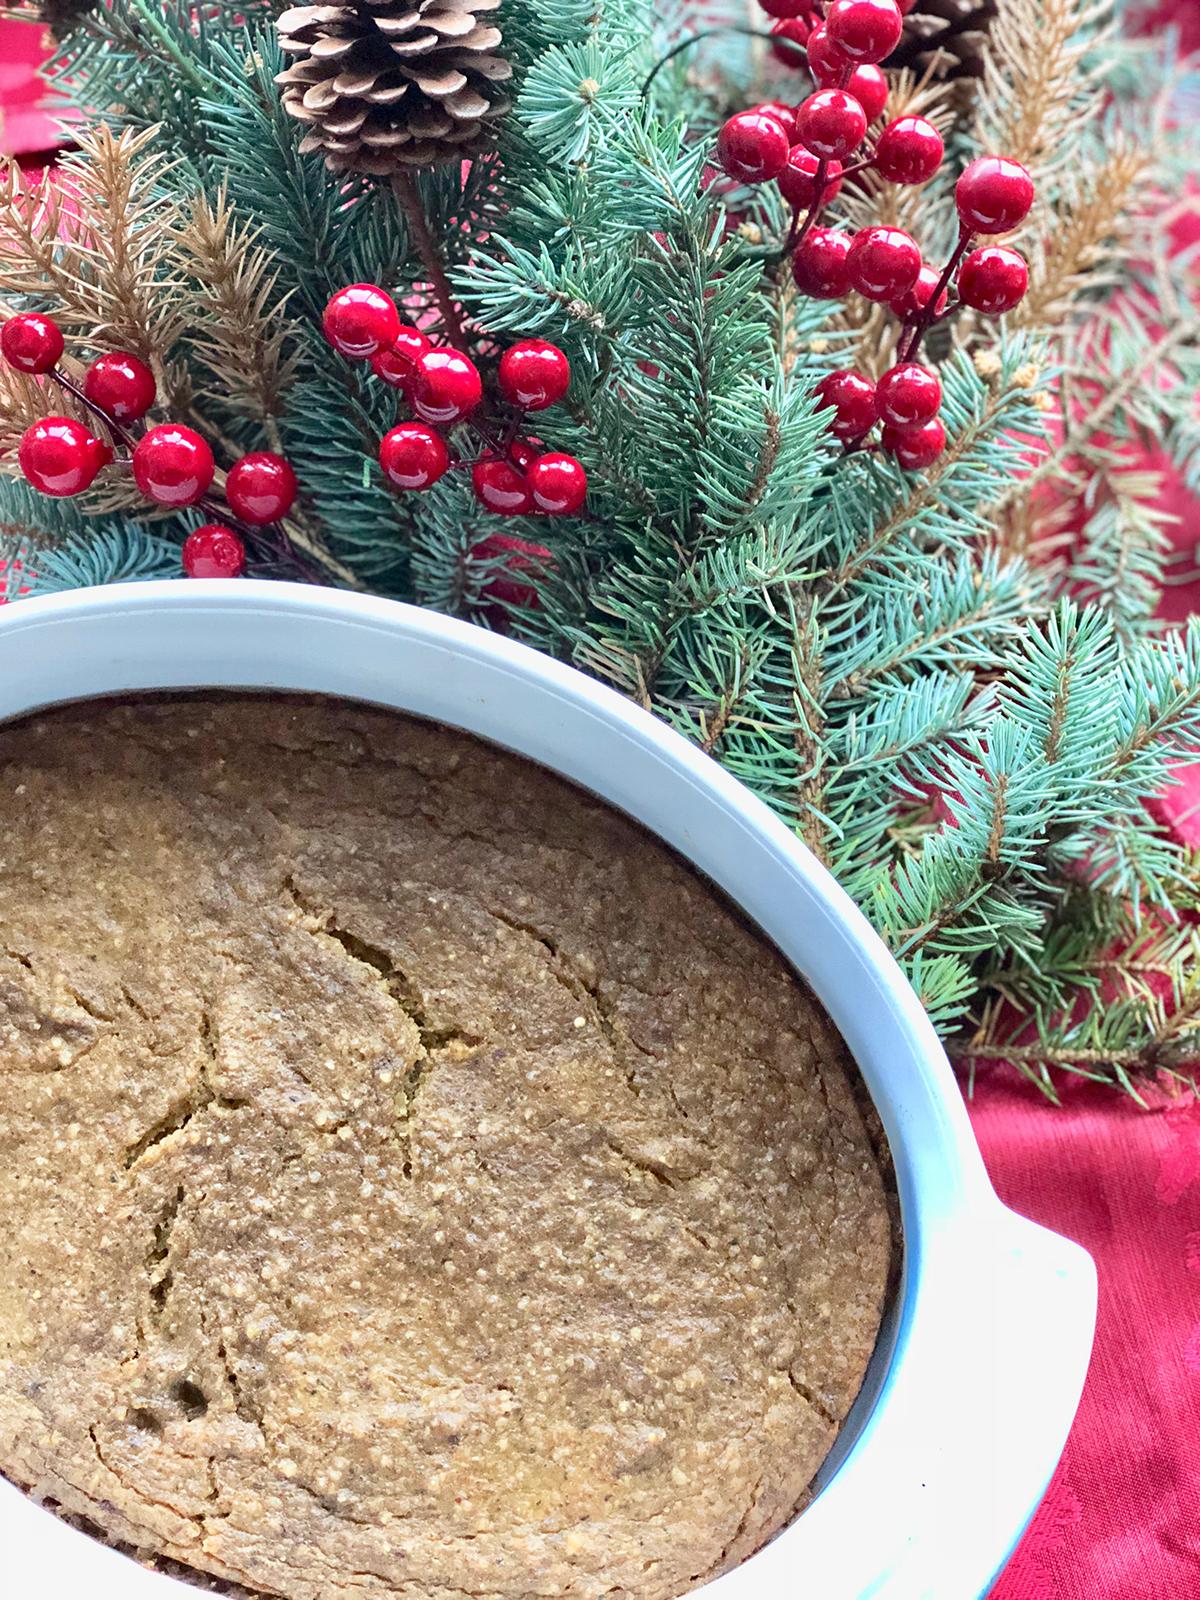 healthy christmas treats